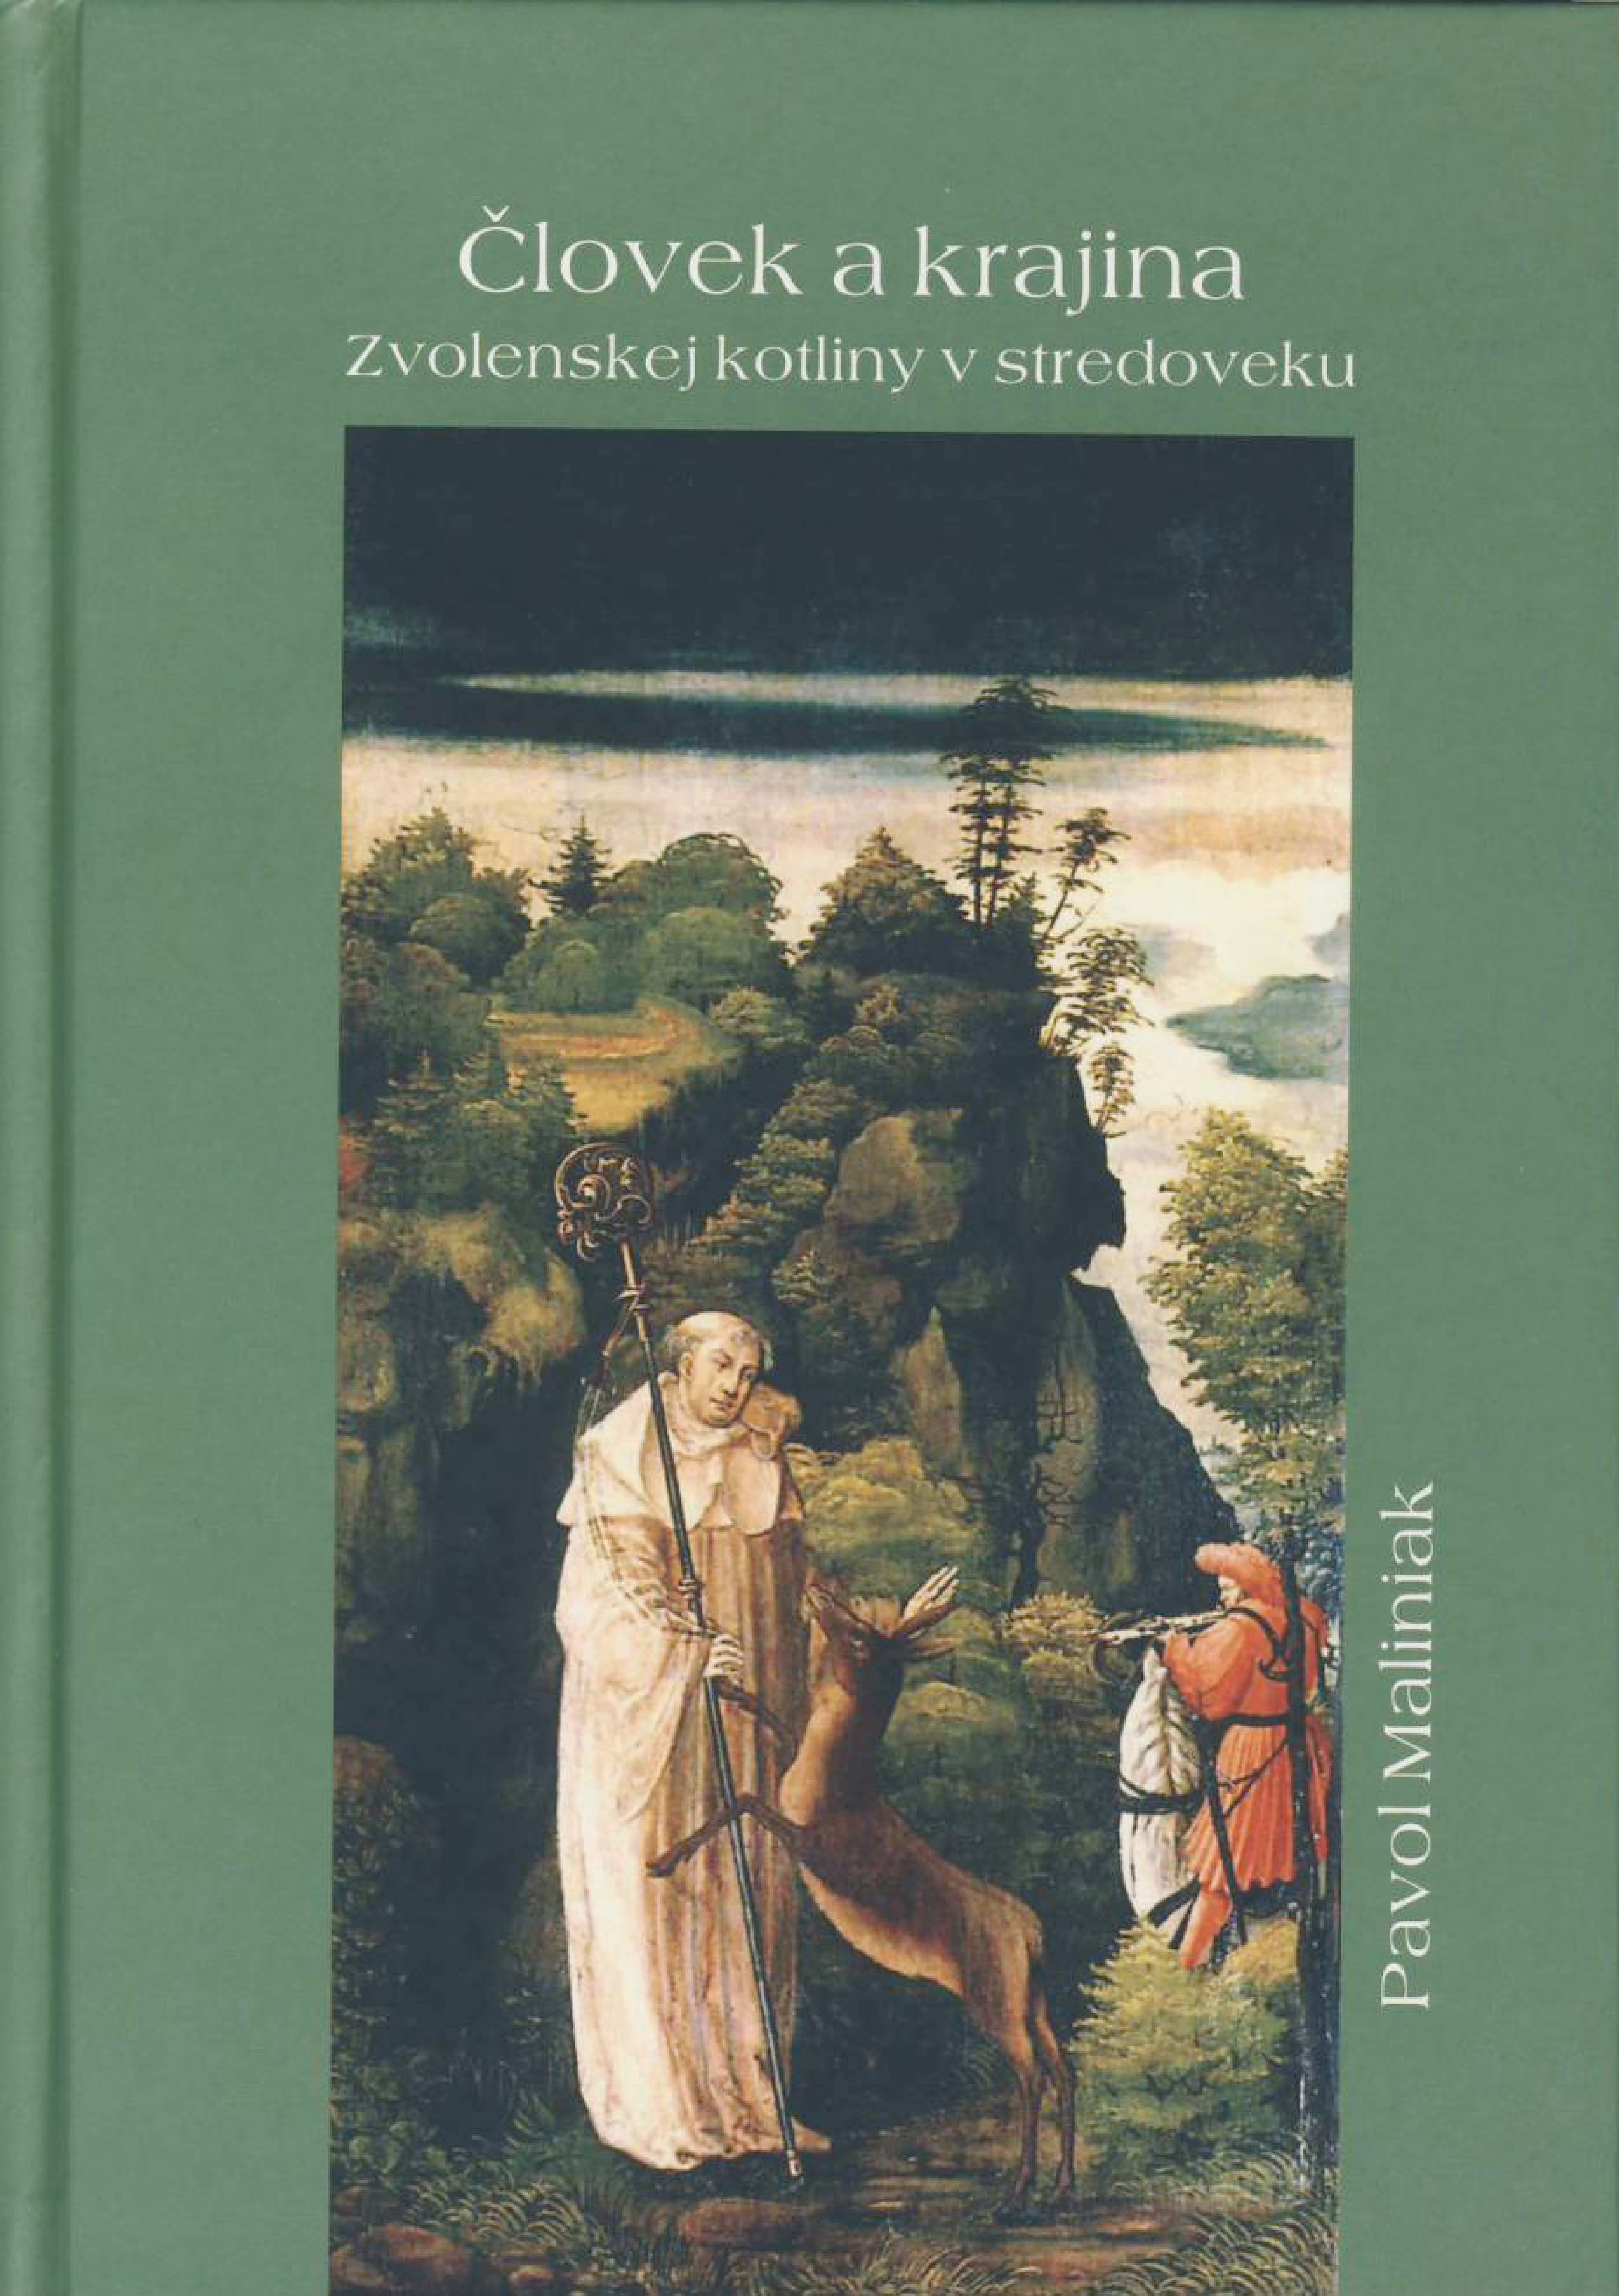 Človek a krajina Zvolenskej kotliny v stredoveku